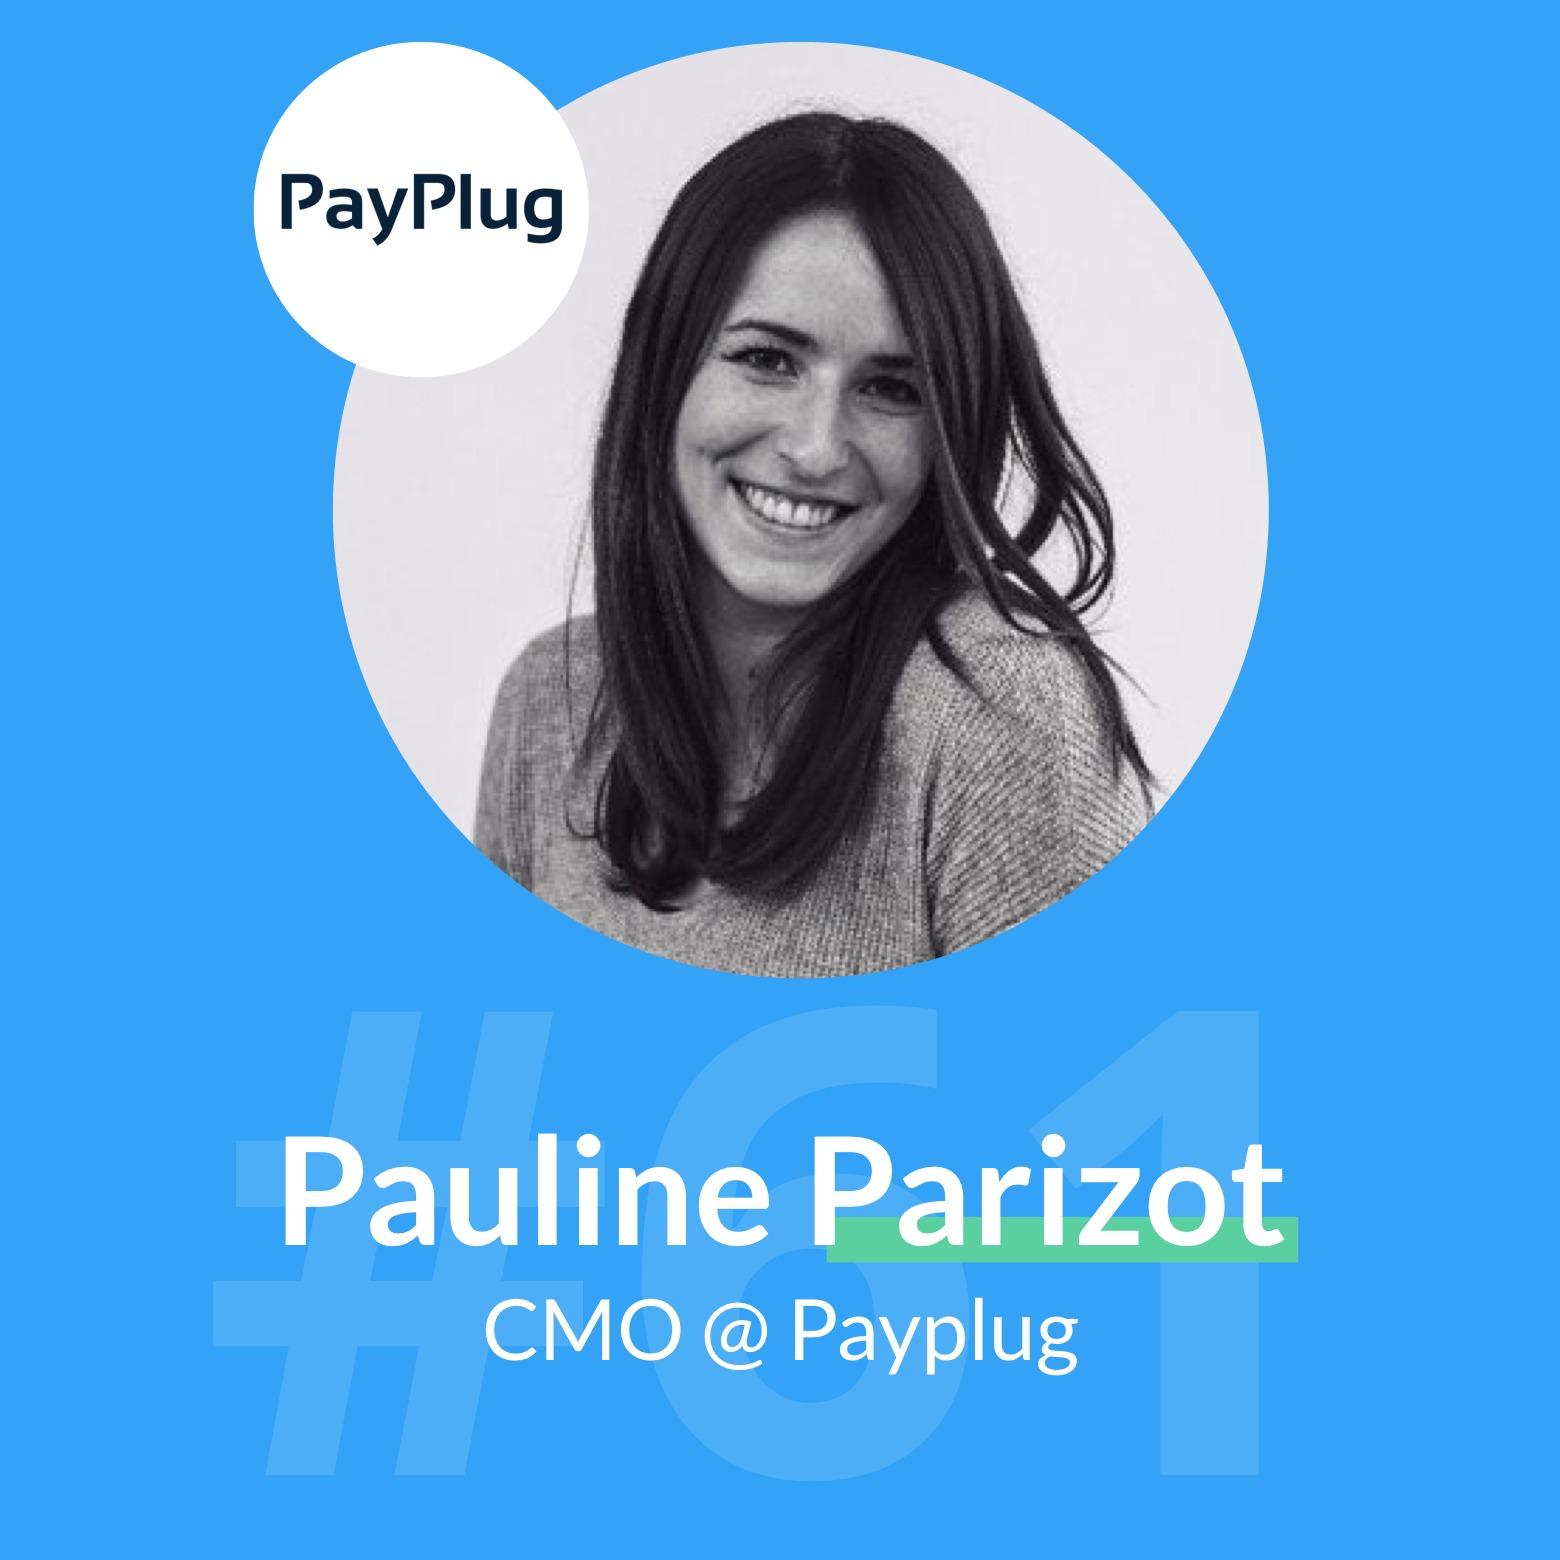 Bonus Porte Interne 2018 61 - payplug : l'obsession de la simplicité, avec pauline